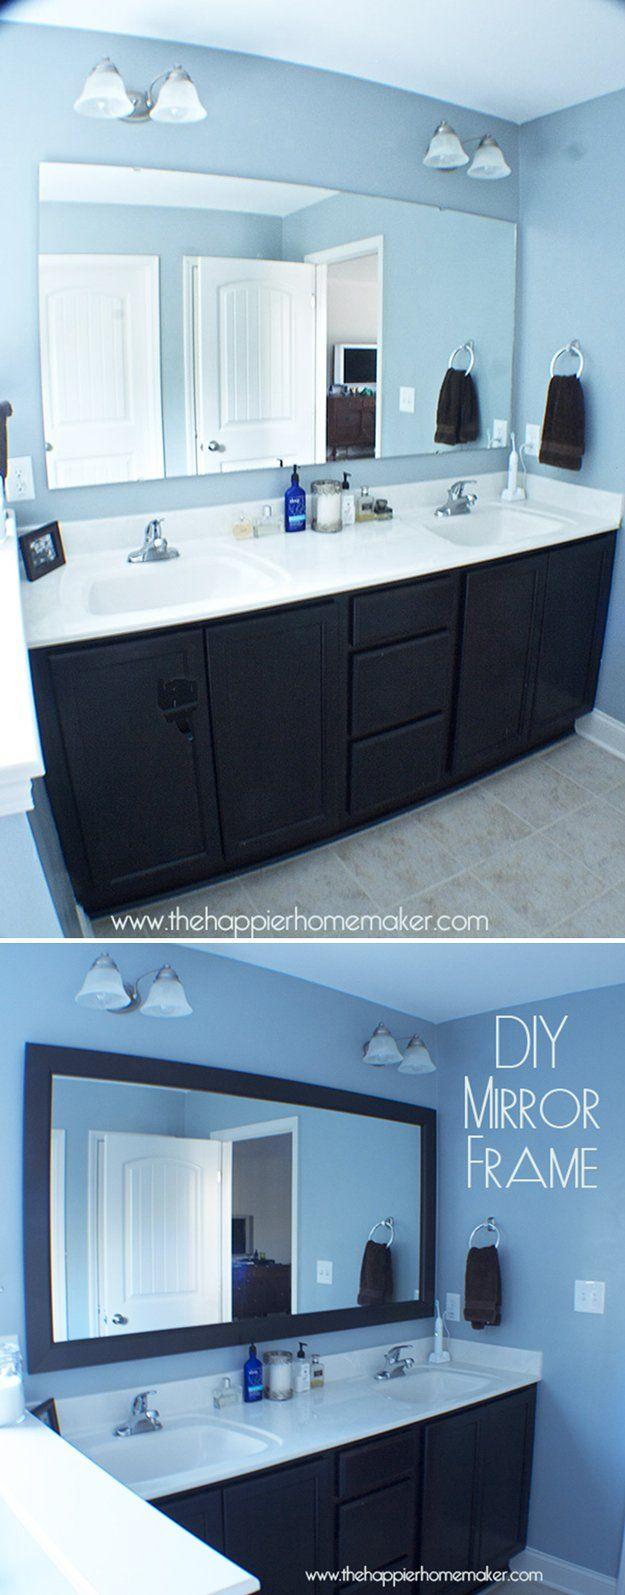 Diy christmas bathroom decor - Bathroom Decor With Mirror Frames By Diy Ready At Http Diyready Com